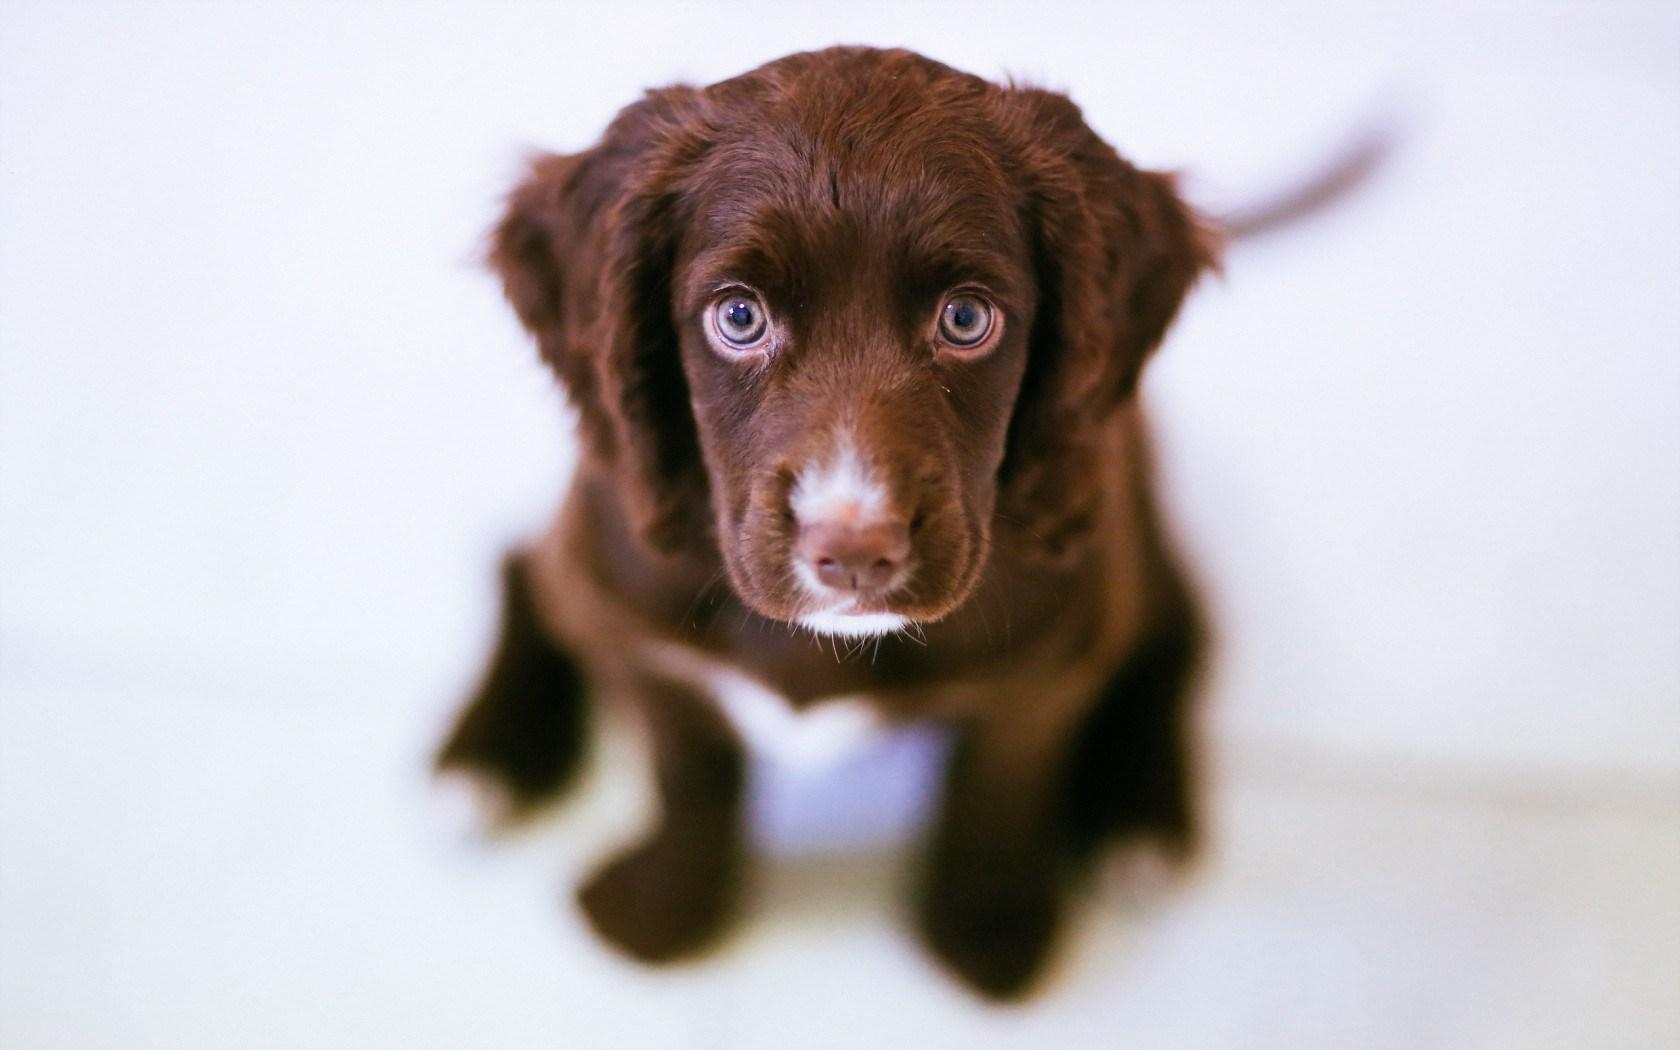 Cute Dog Eyes Friend